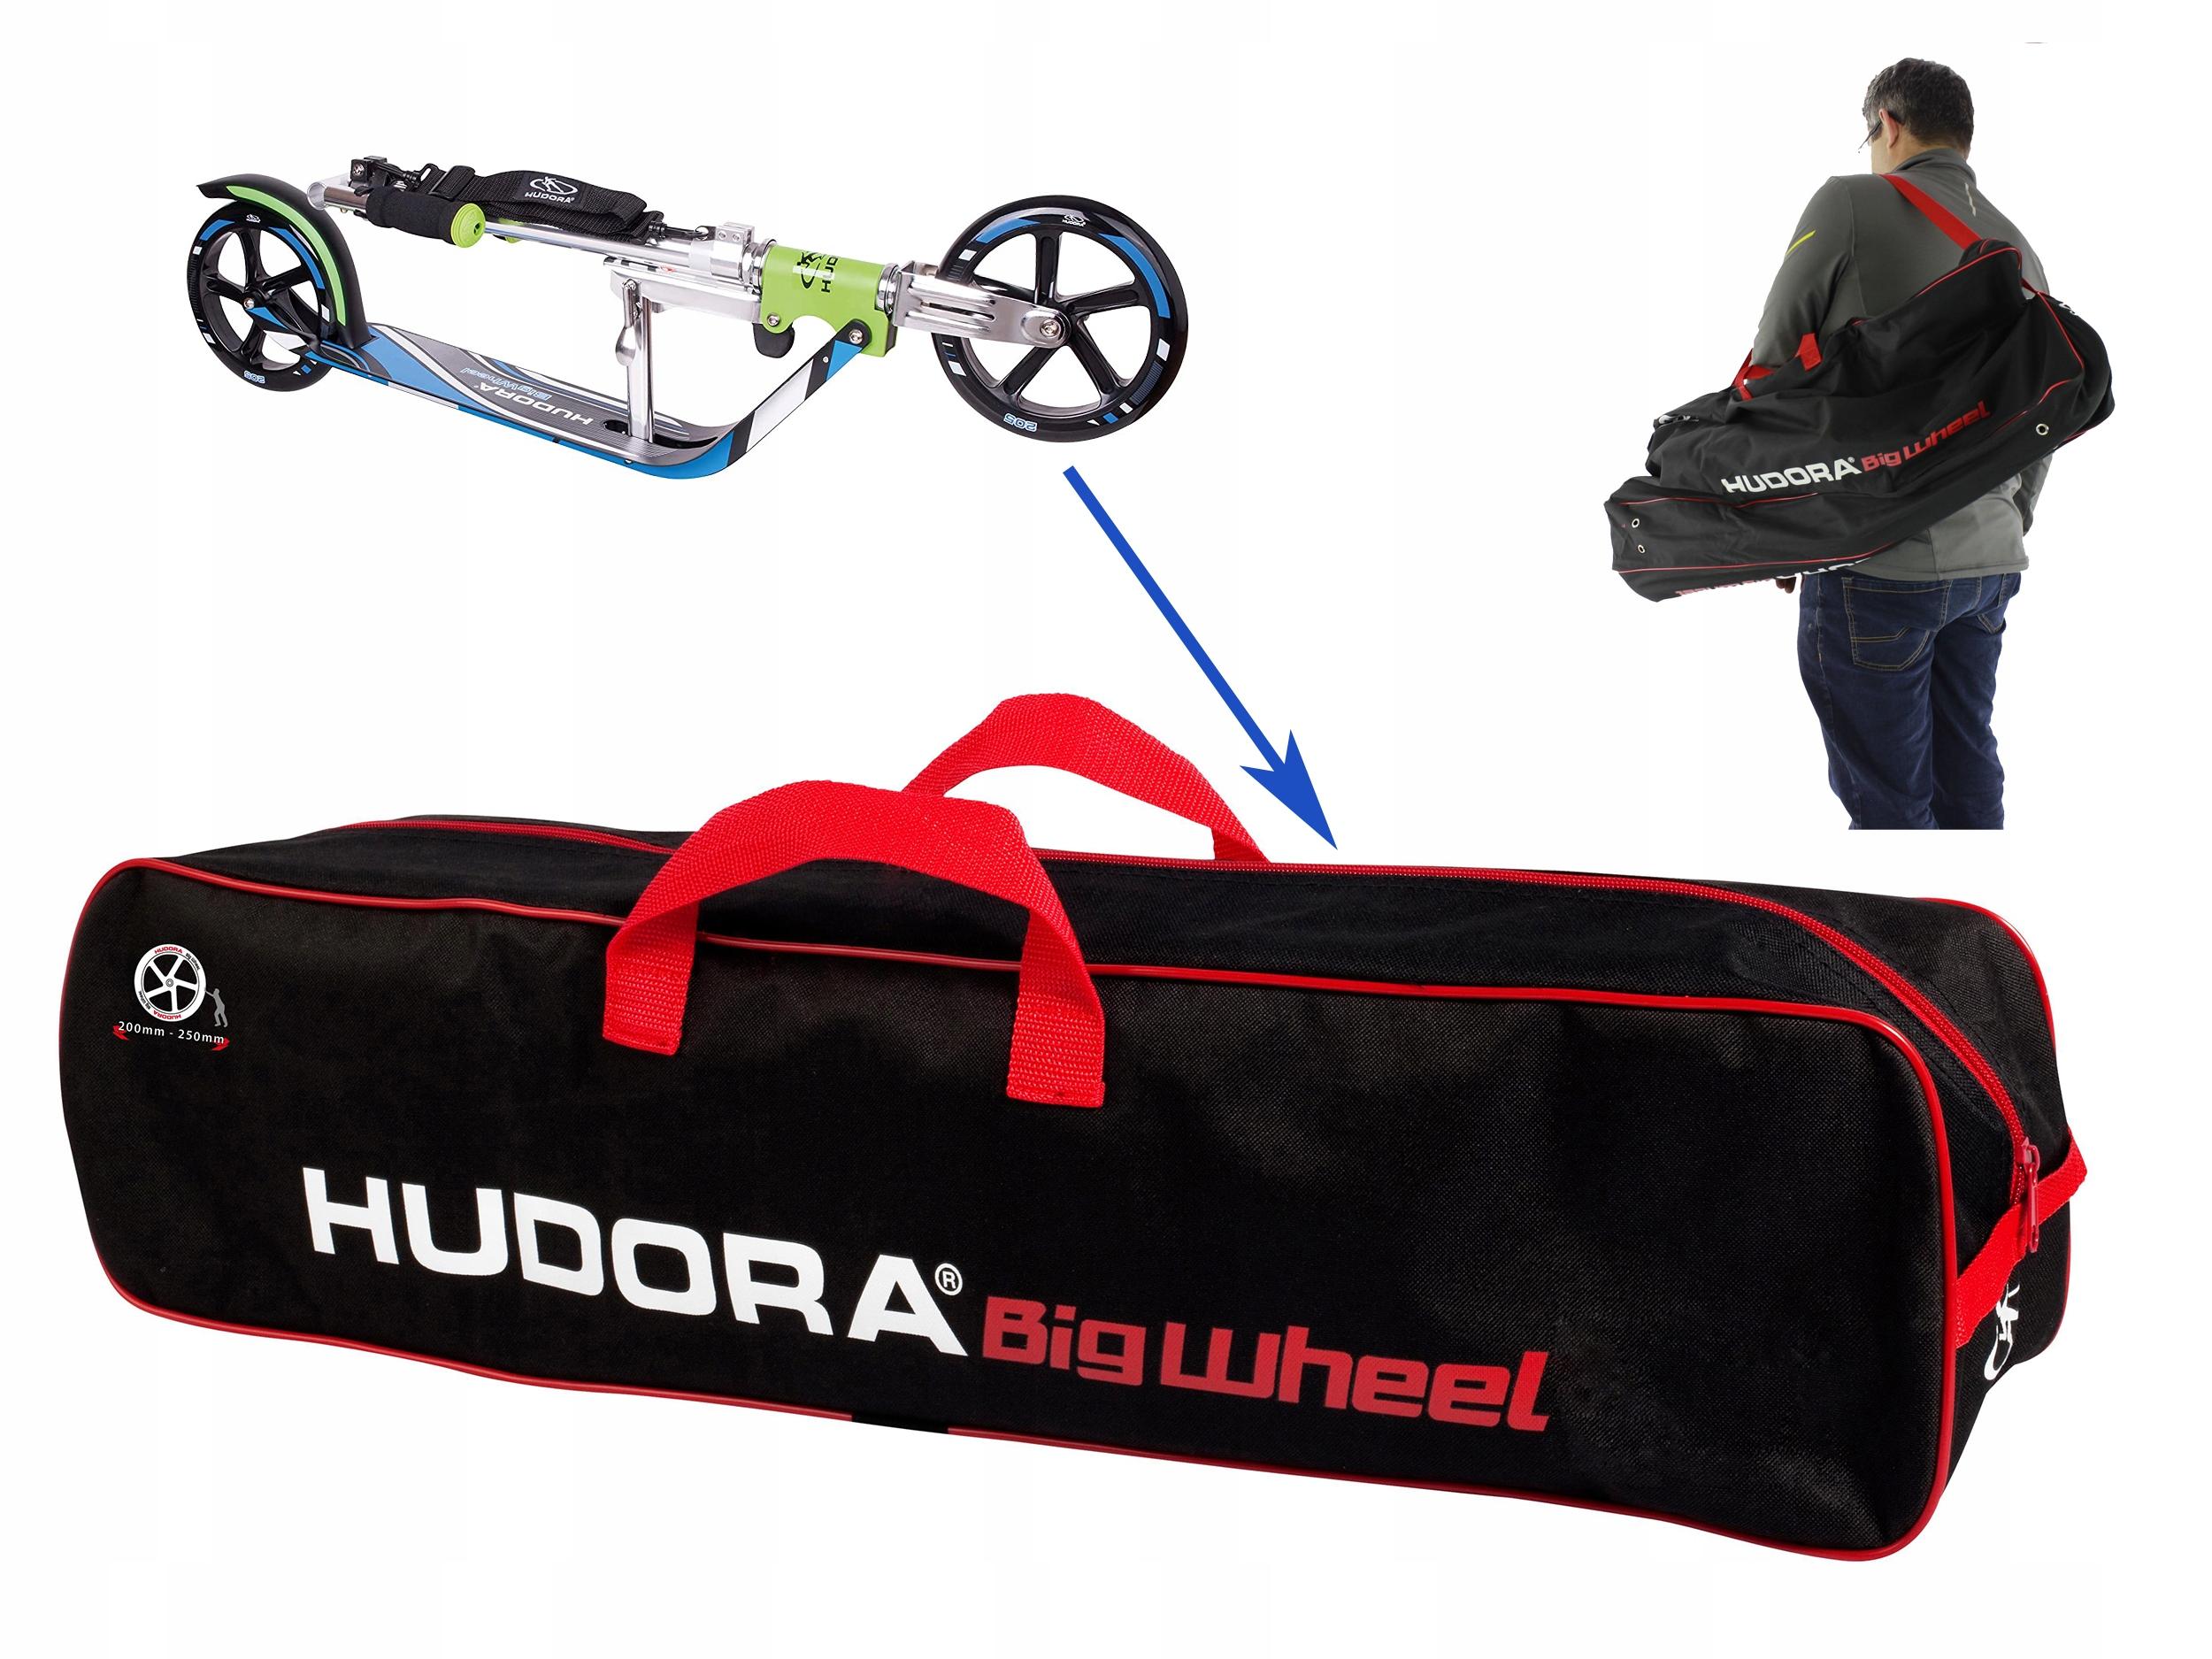 Torba pokrowiec na hulajnogę big wheel Hudora